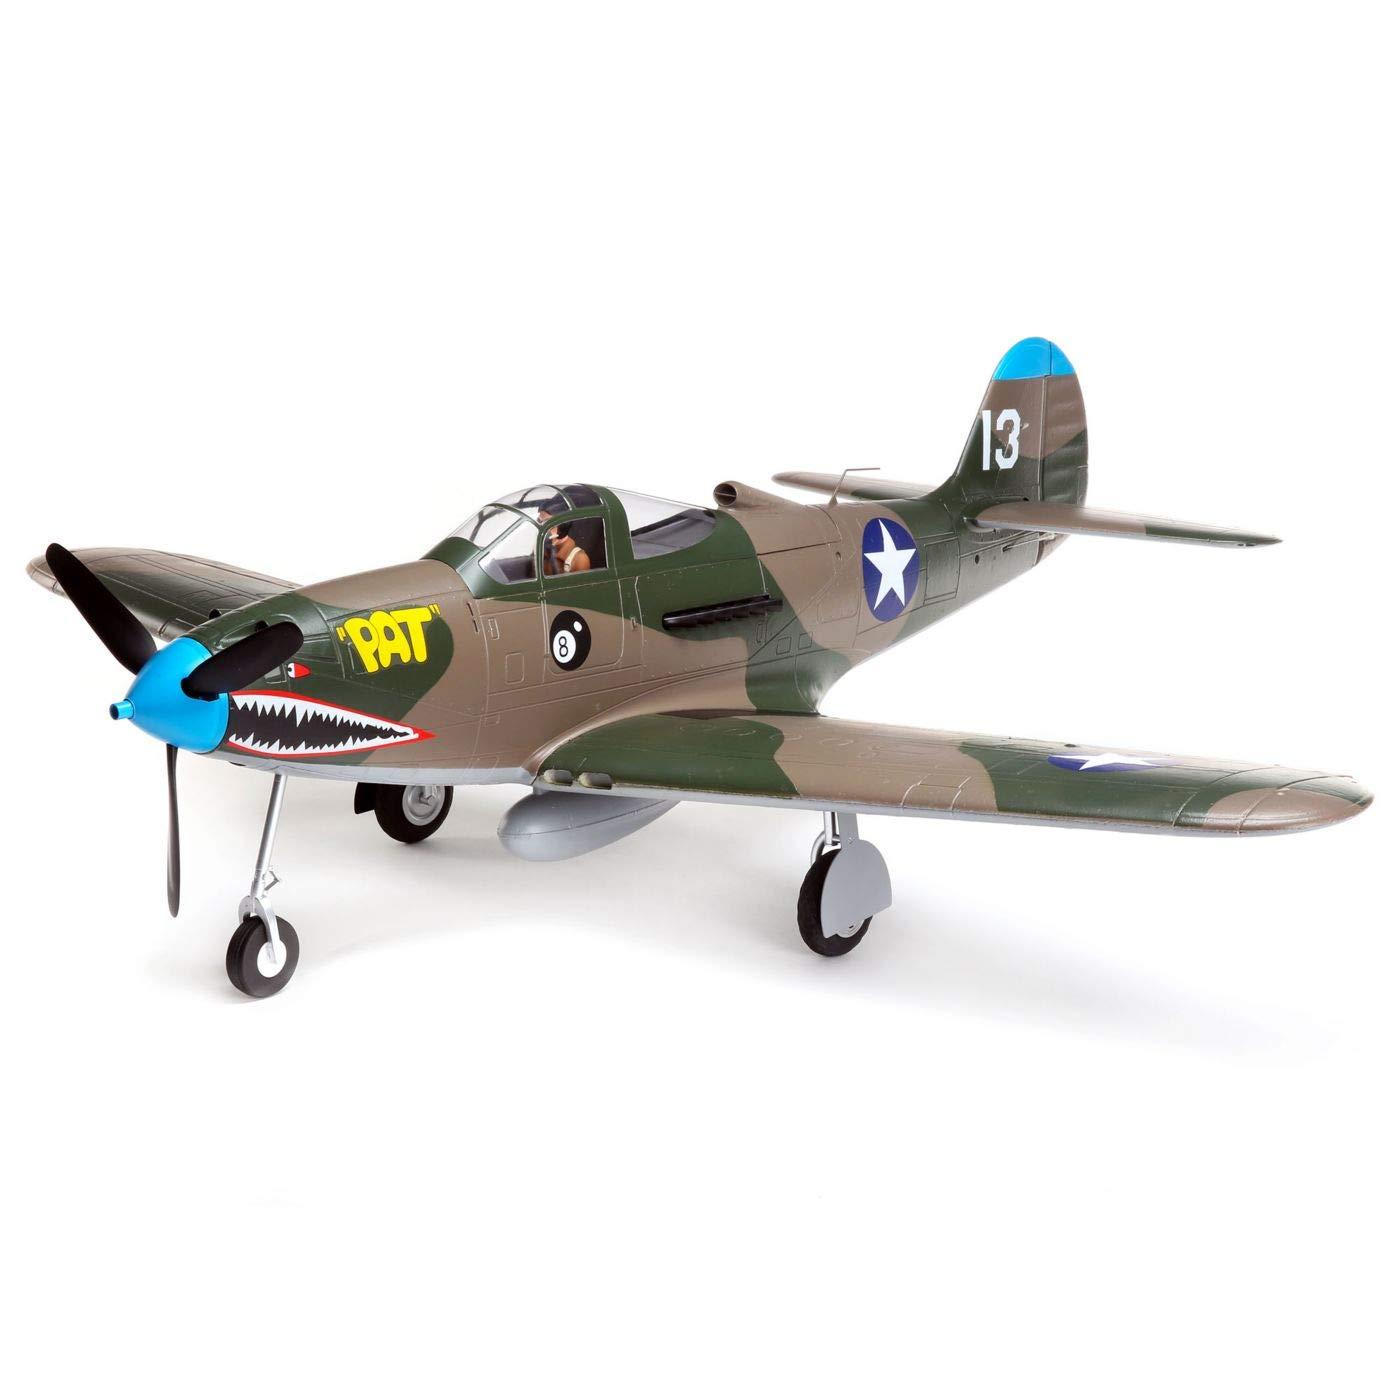 E-flite P-39 Airacobra 1.2m PNP B07QGFBRYR